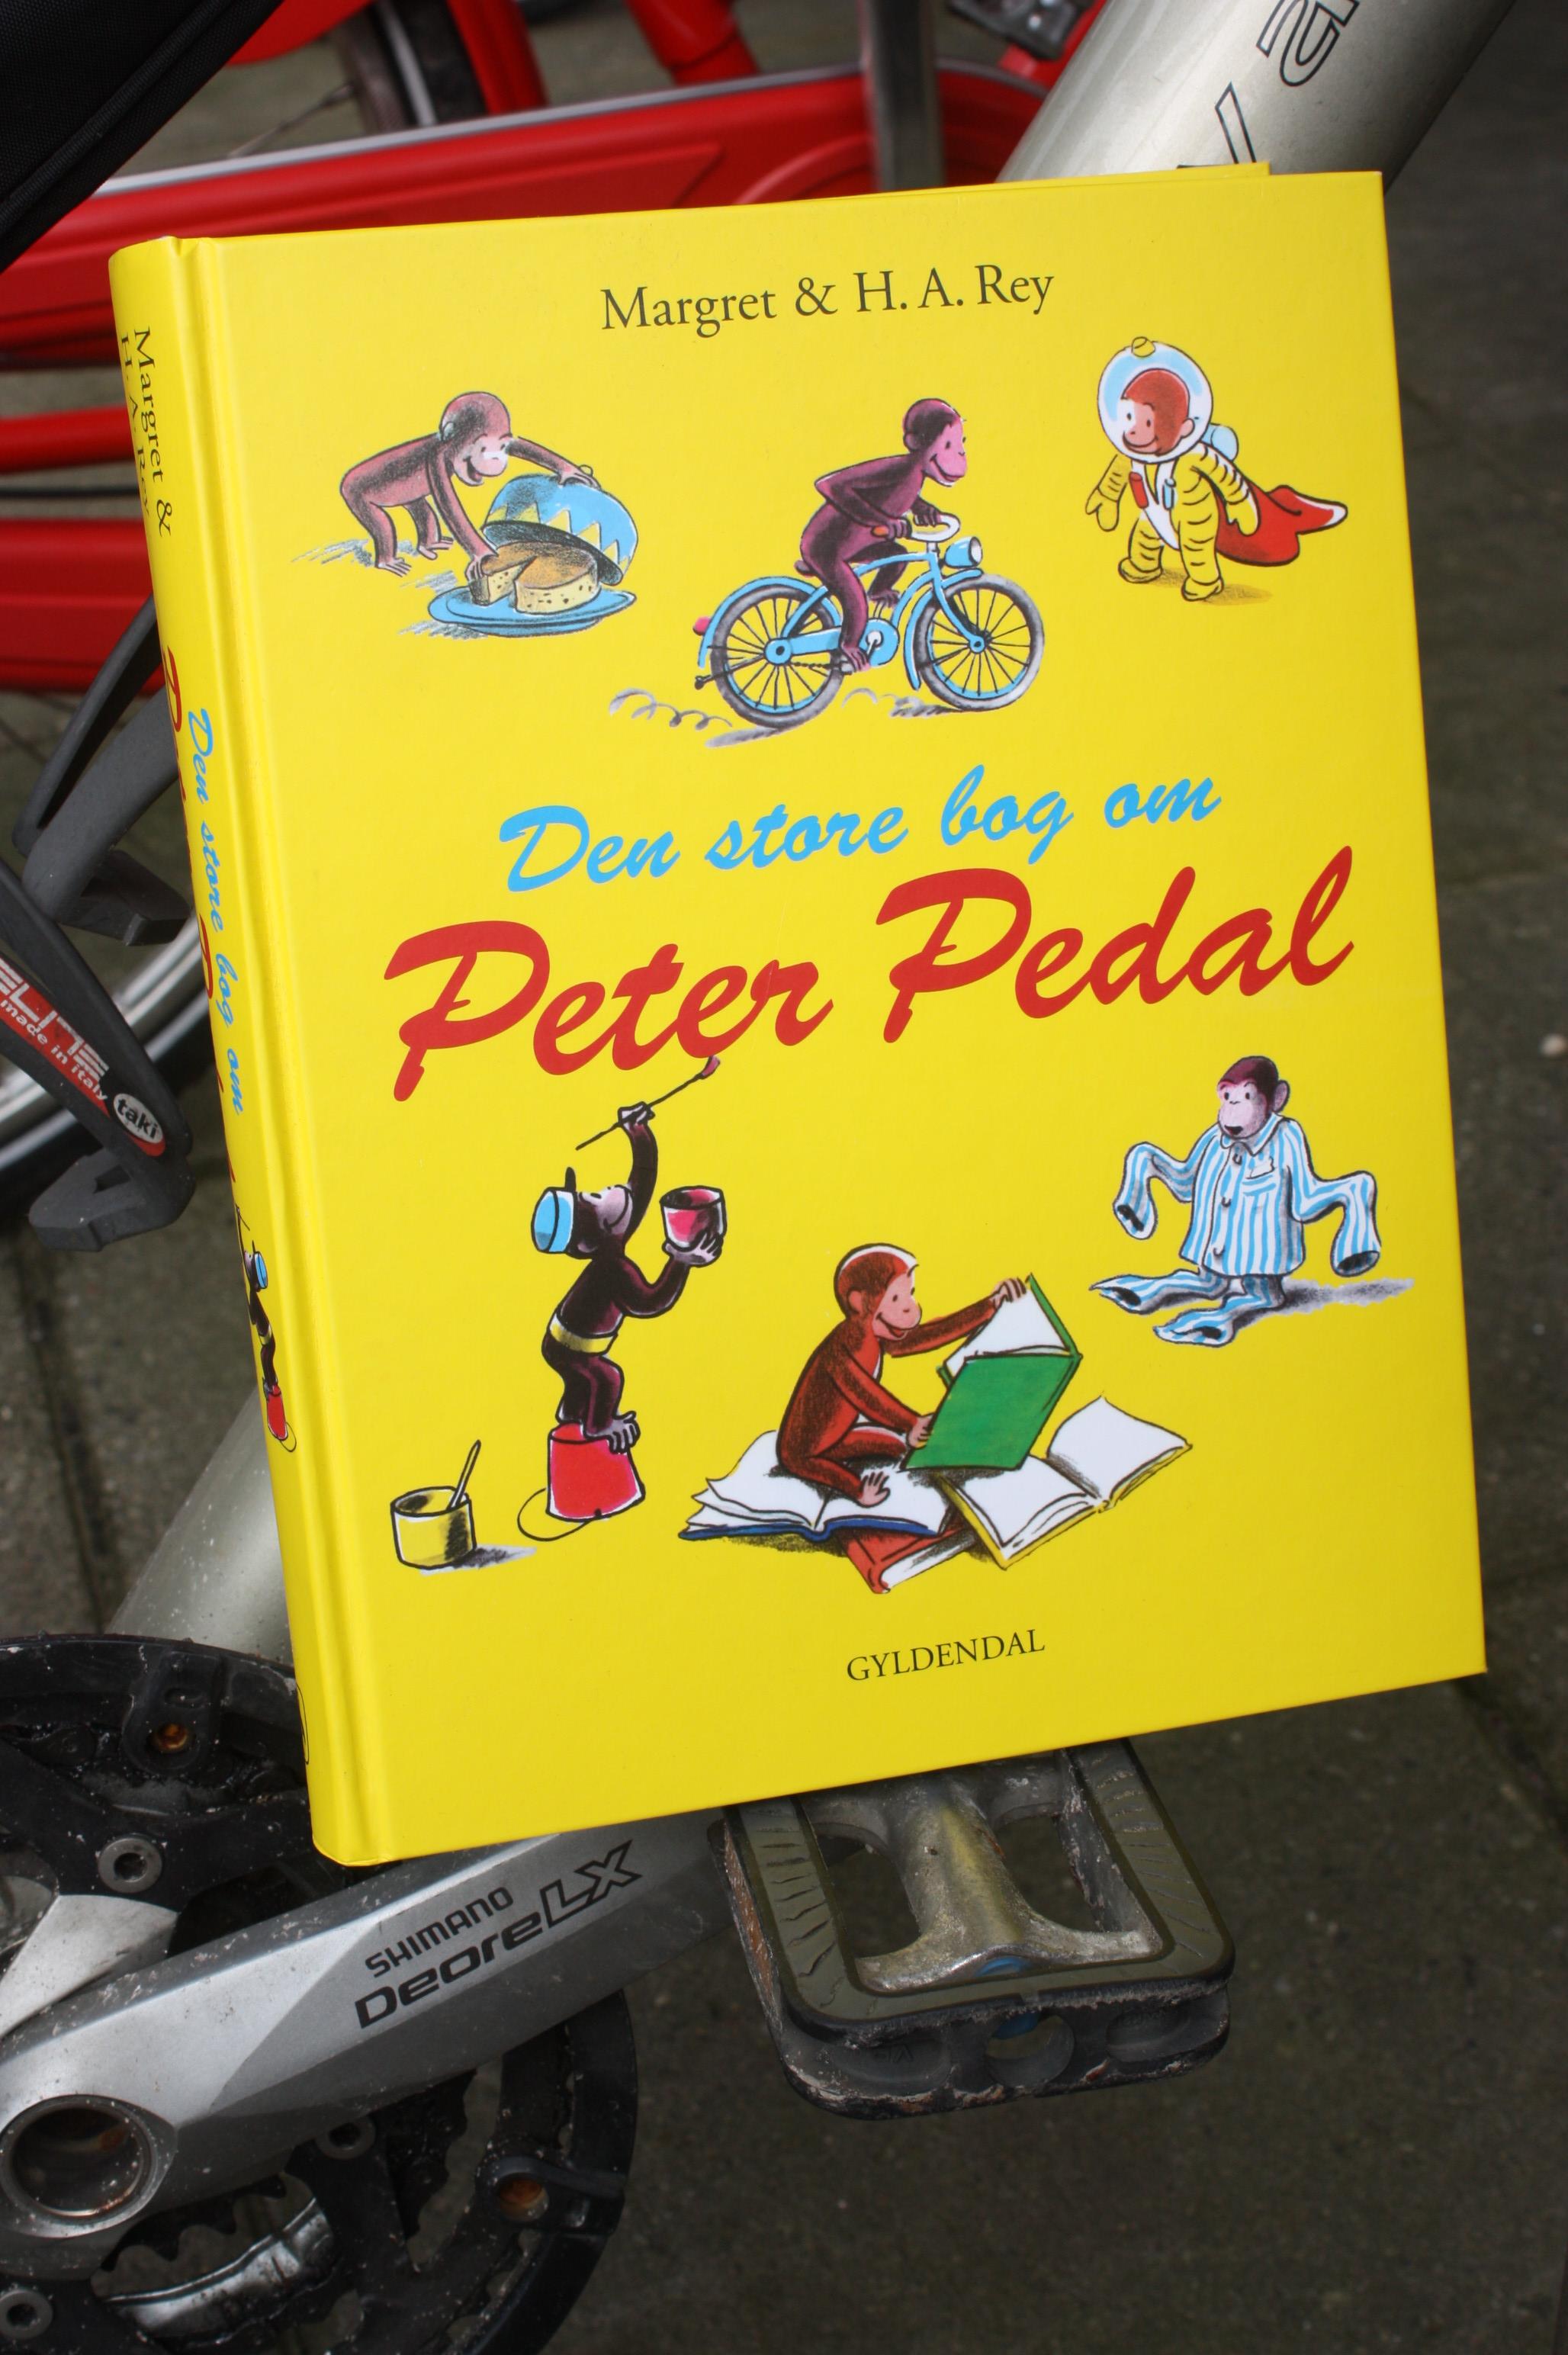 Den store bog om Peter Pedal